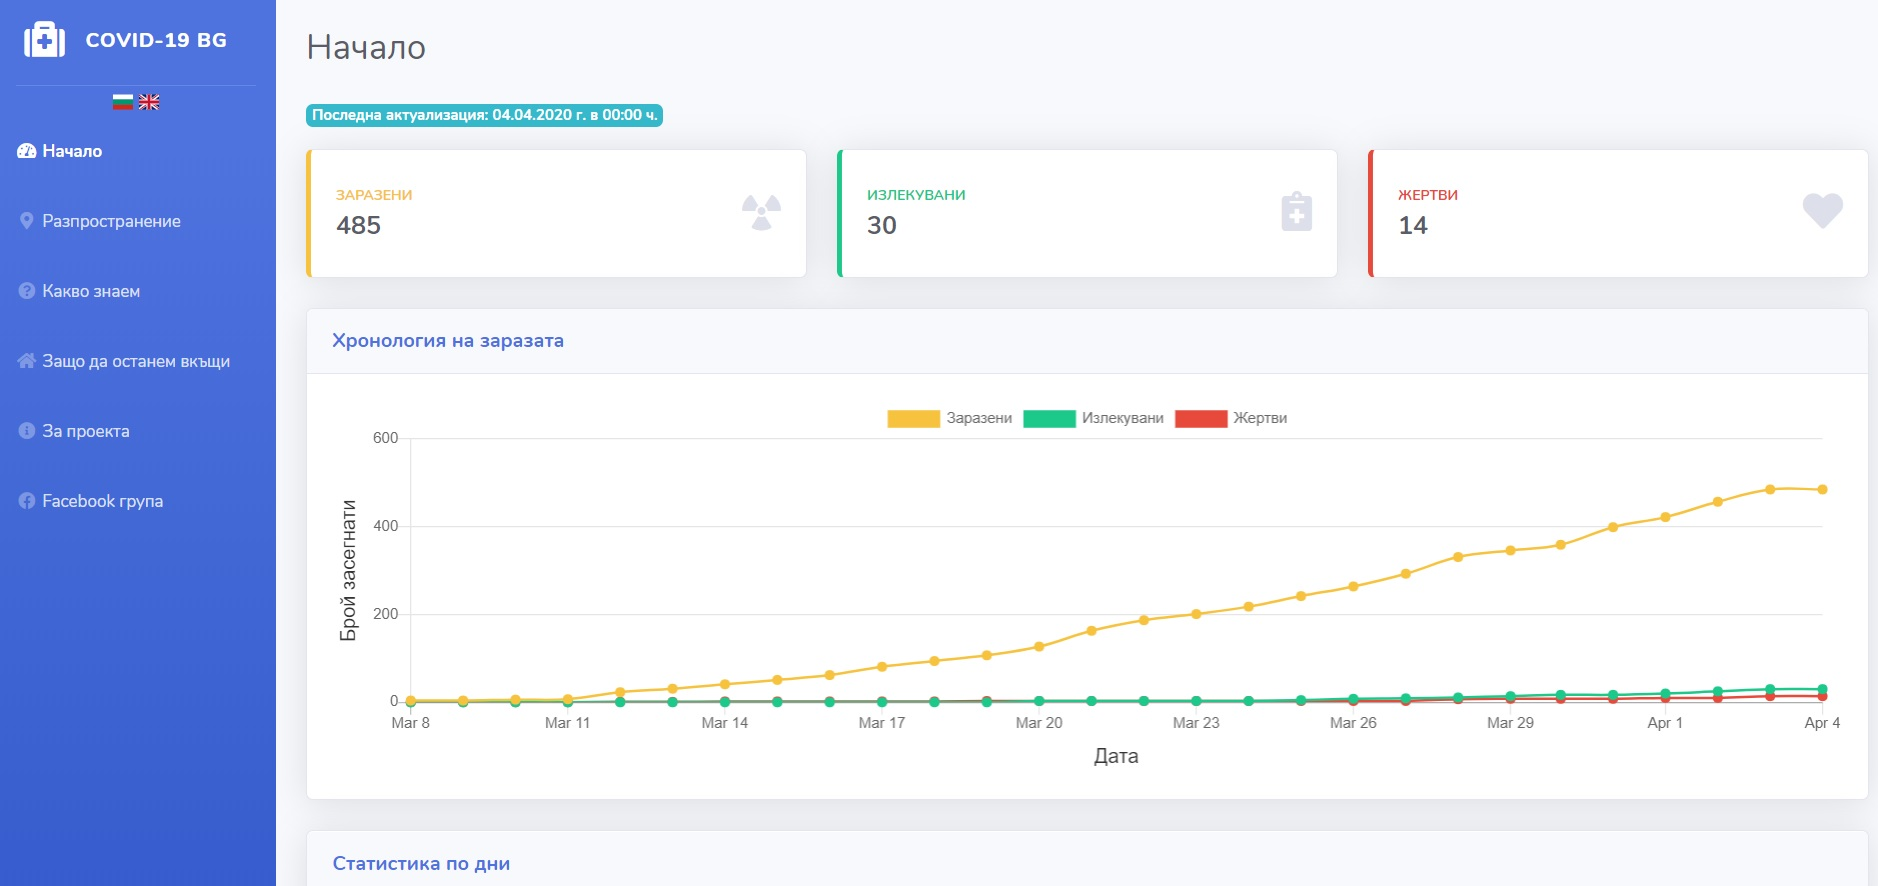 Актуална информация и графики за разпространението на коронавируса в България